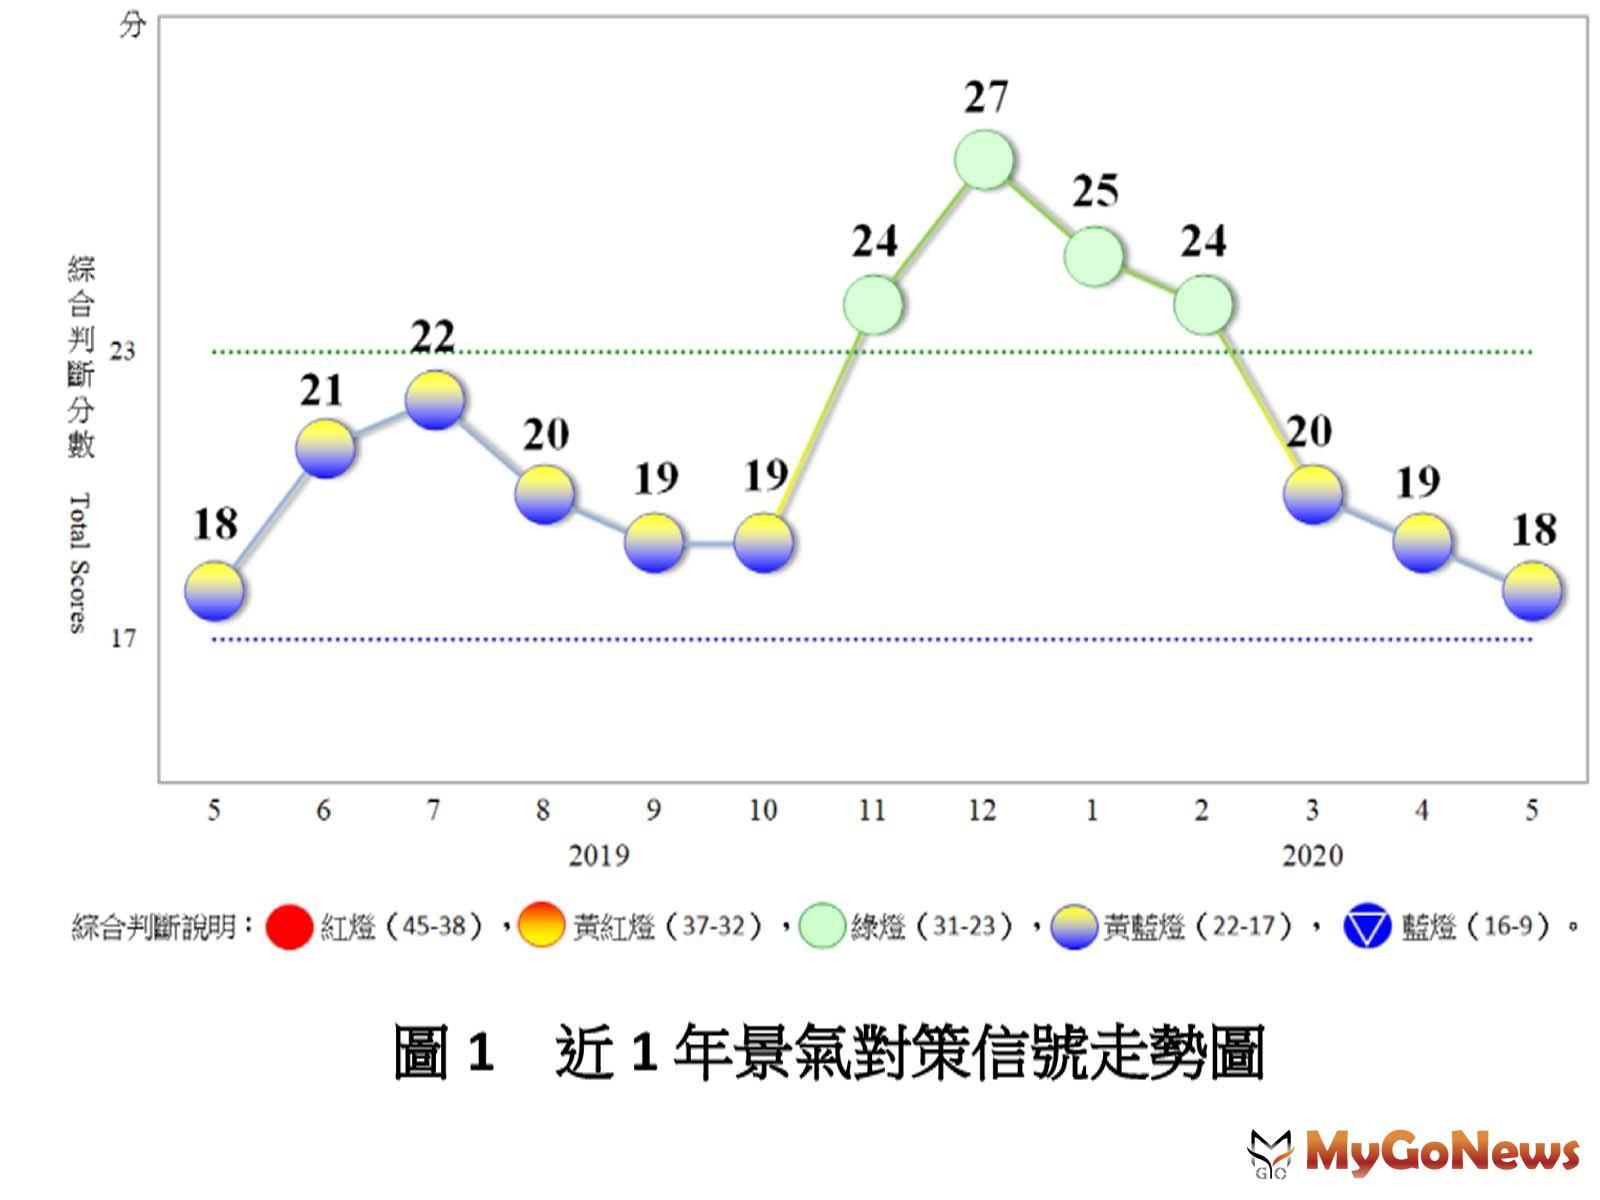 5月景氣燈號續呈黃藍燈 MyGoNews房地產新聞 市場快訊